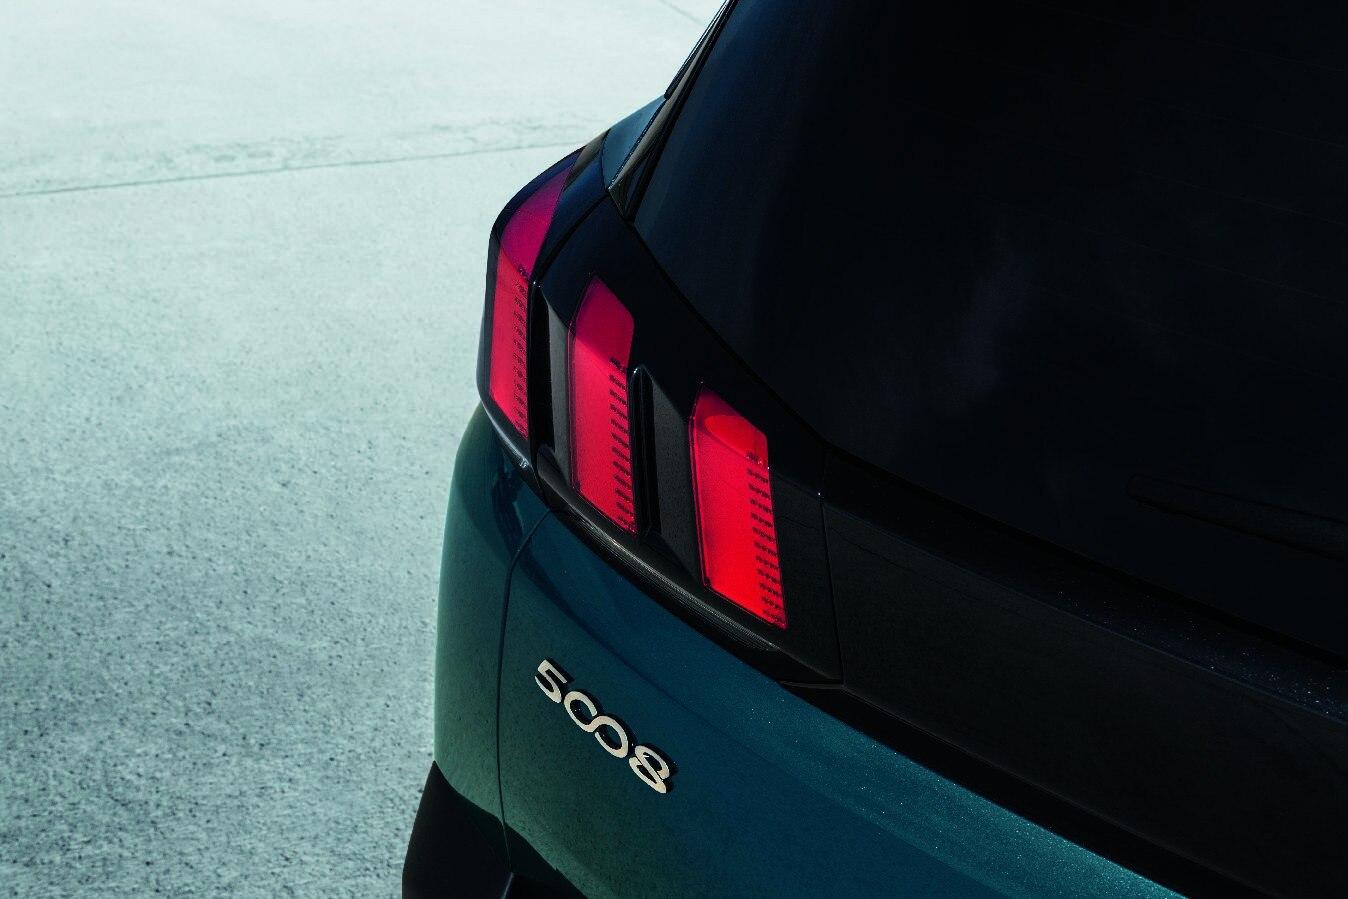 Peugeot 5008 Configuratore >> Peugeot nuovo SUV 5008 | Design Interni, Esterni ...